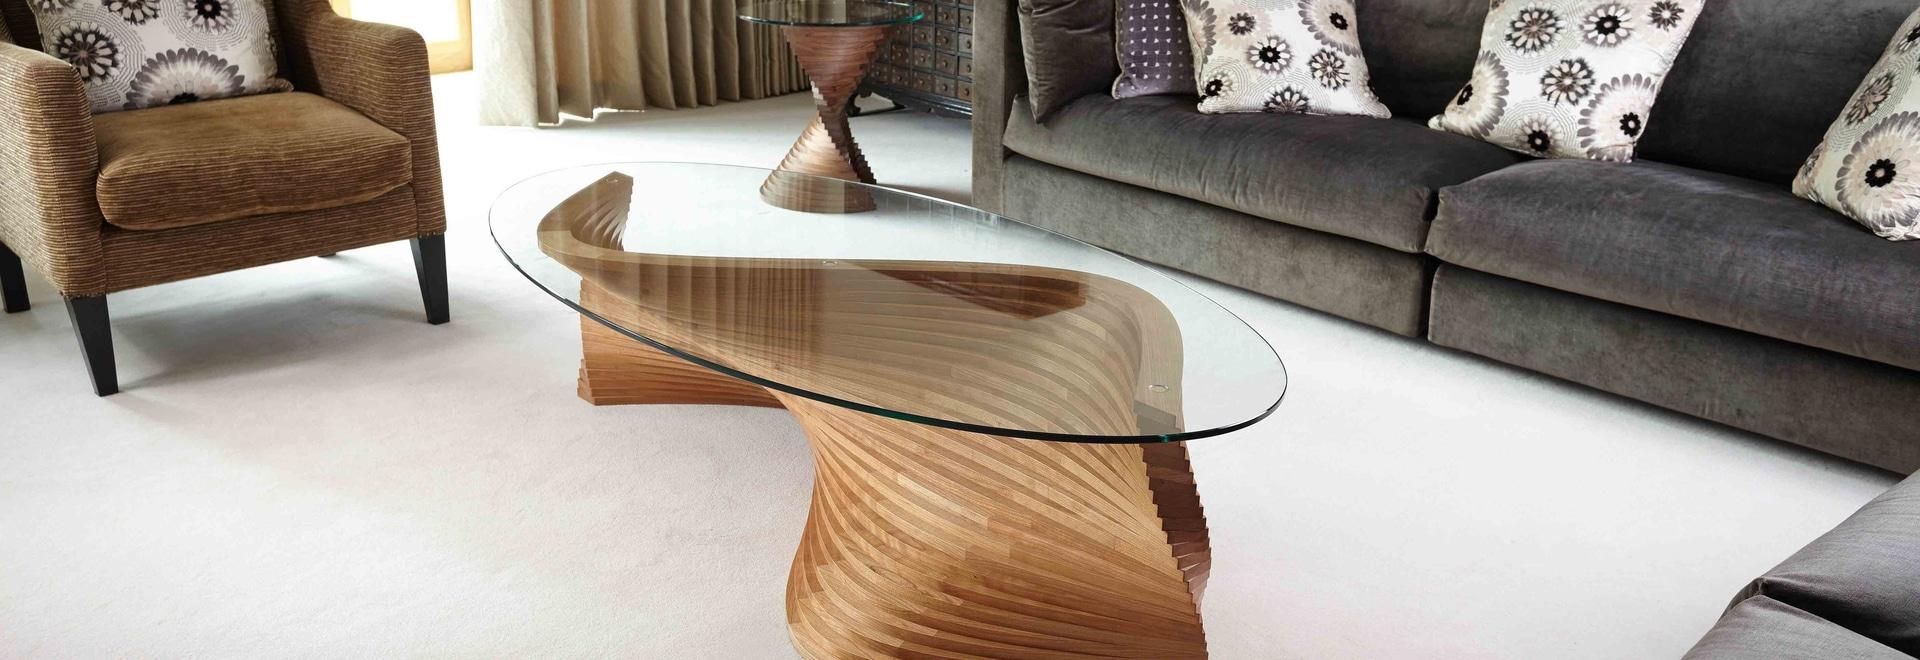 Tavolino da salotto scultoreo del Sidewinder II